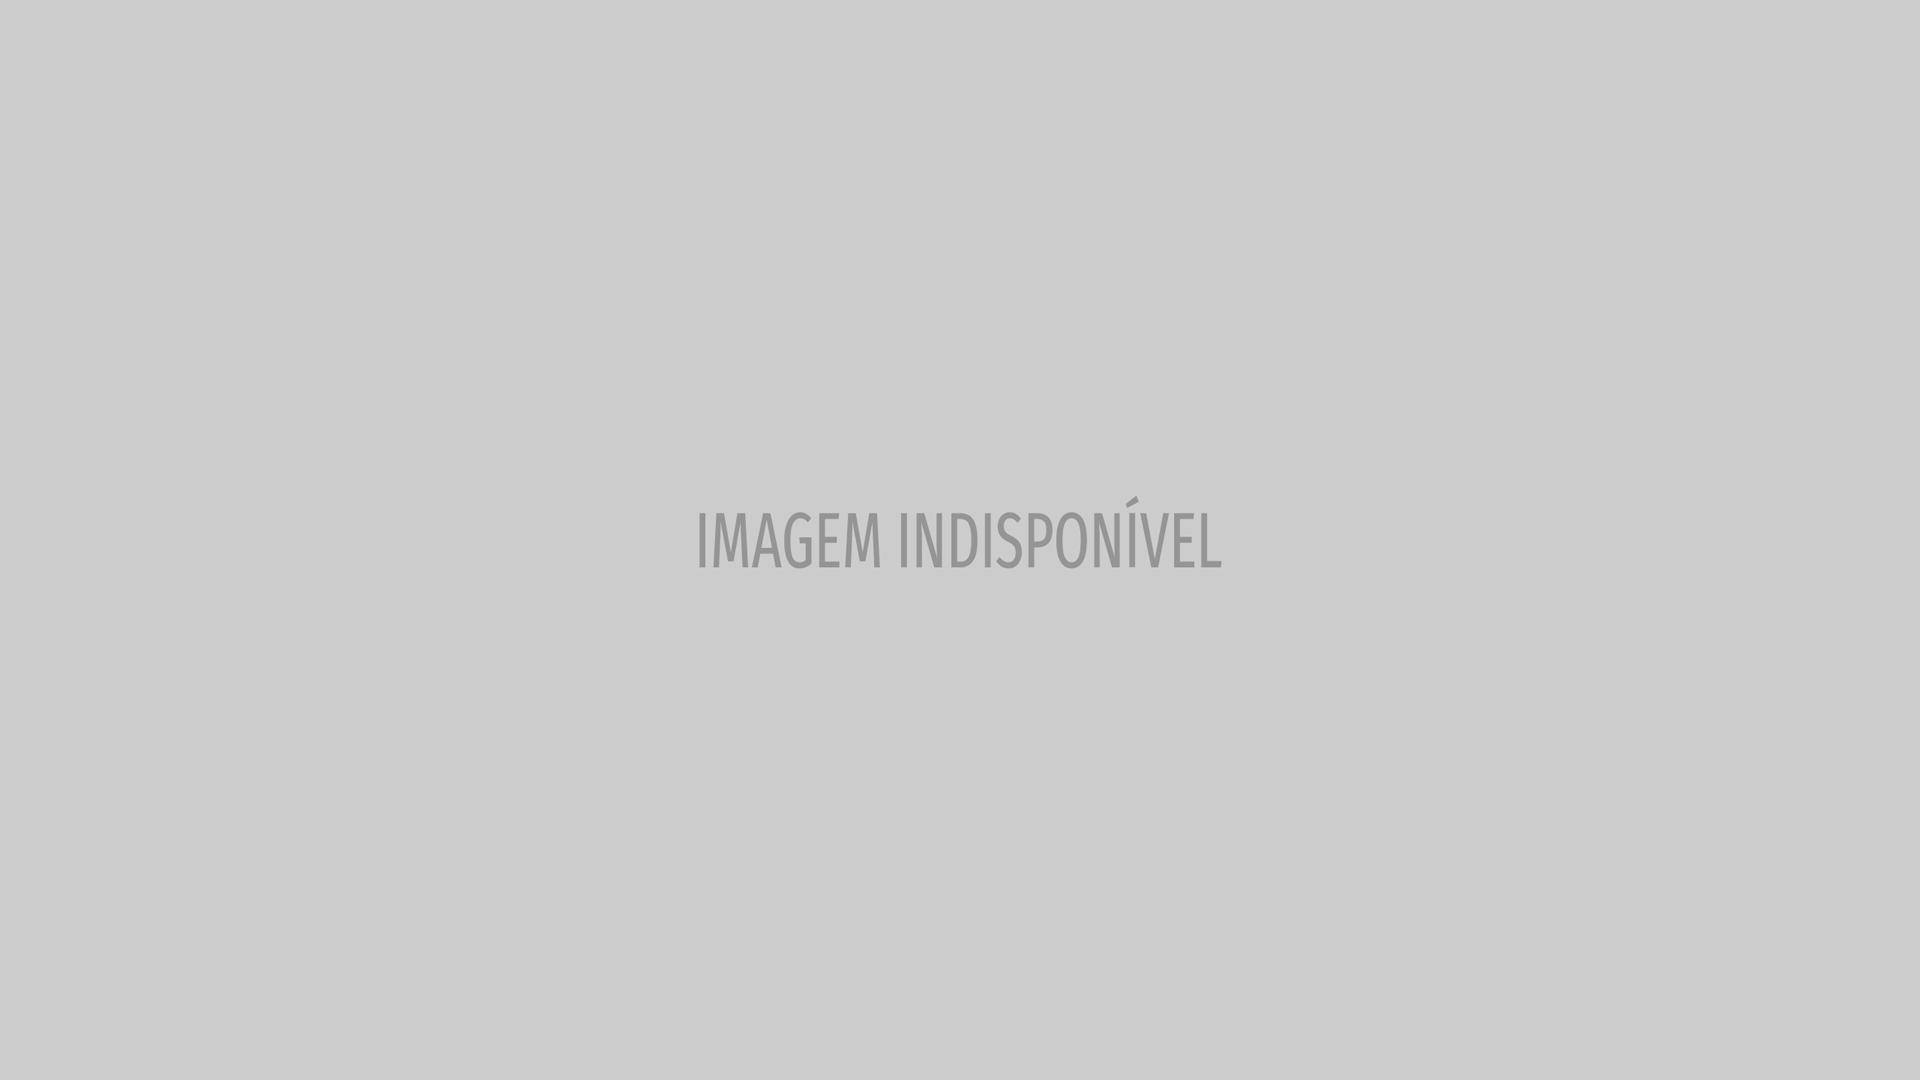 Dia do Pai: As mensagens carinhosas que estão a marcar a data